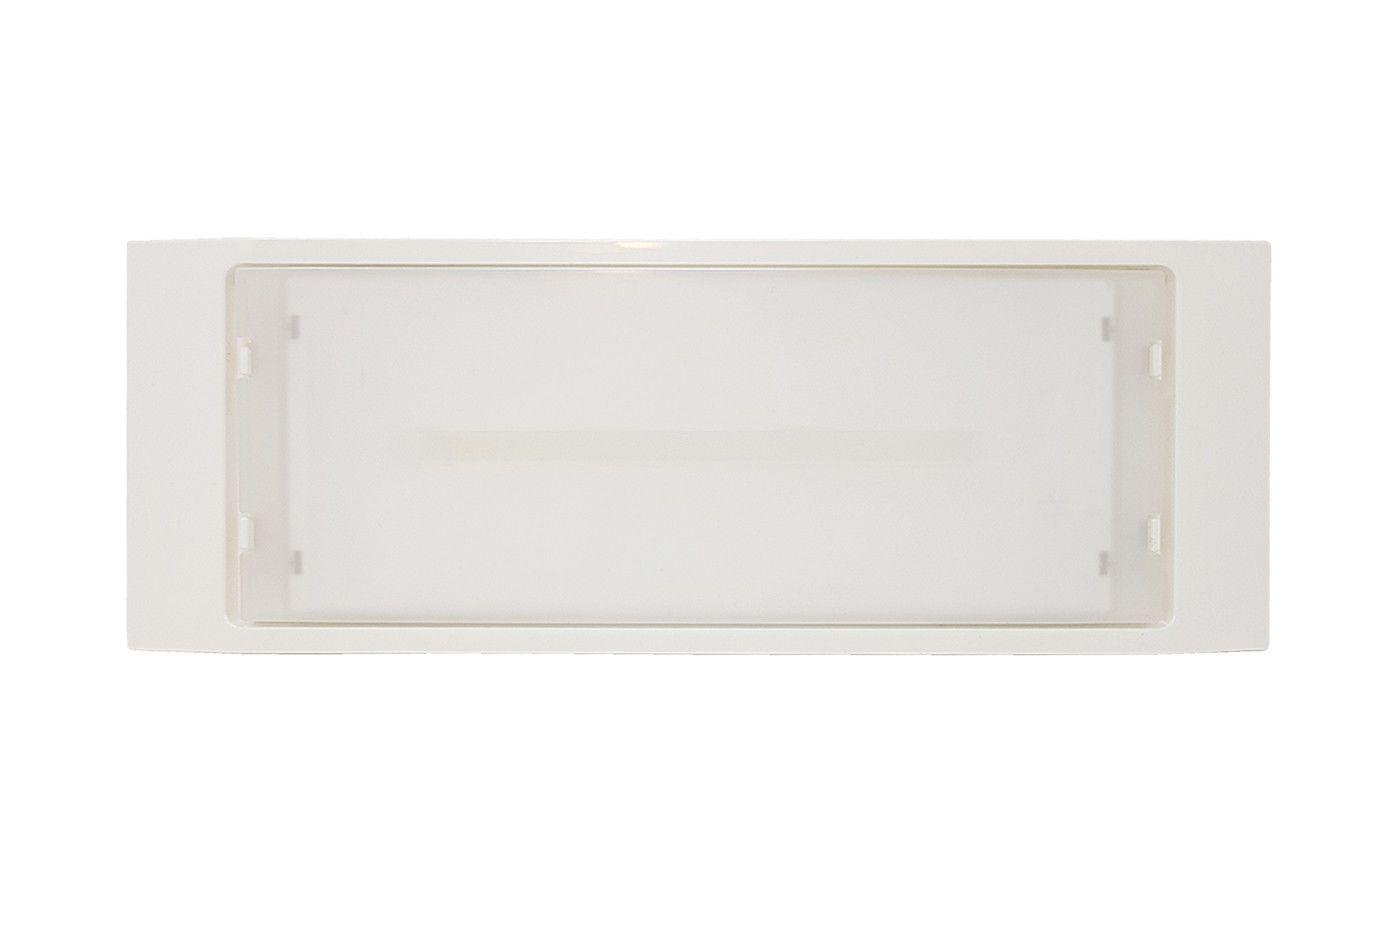 Plafoniera Led Con Emergenza Integrata : Lampada plafoniera emergenza luce led 4w incasso parete ip40 de lite